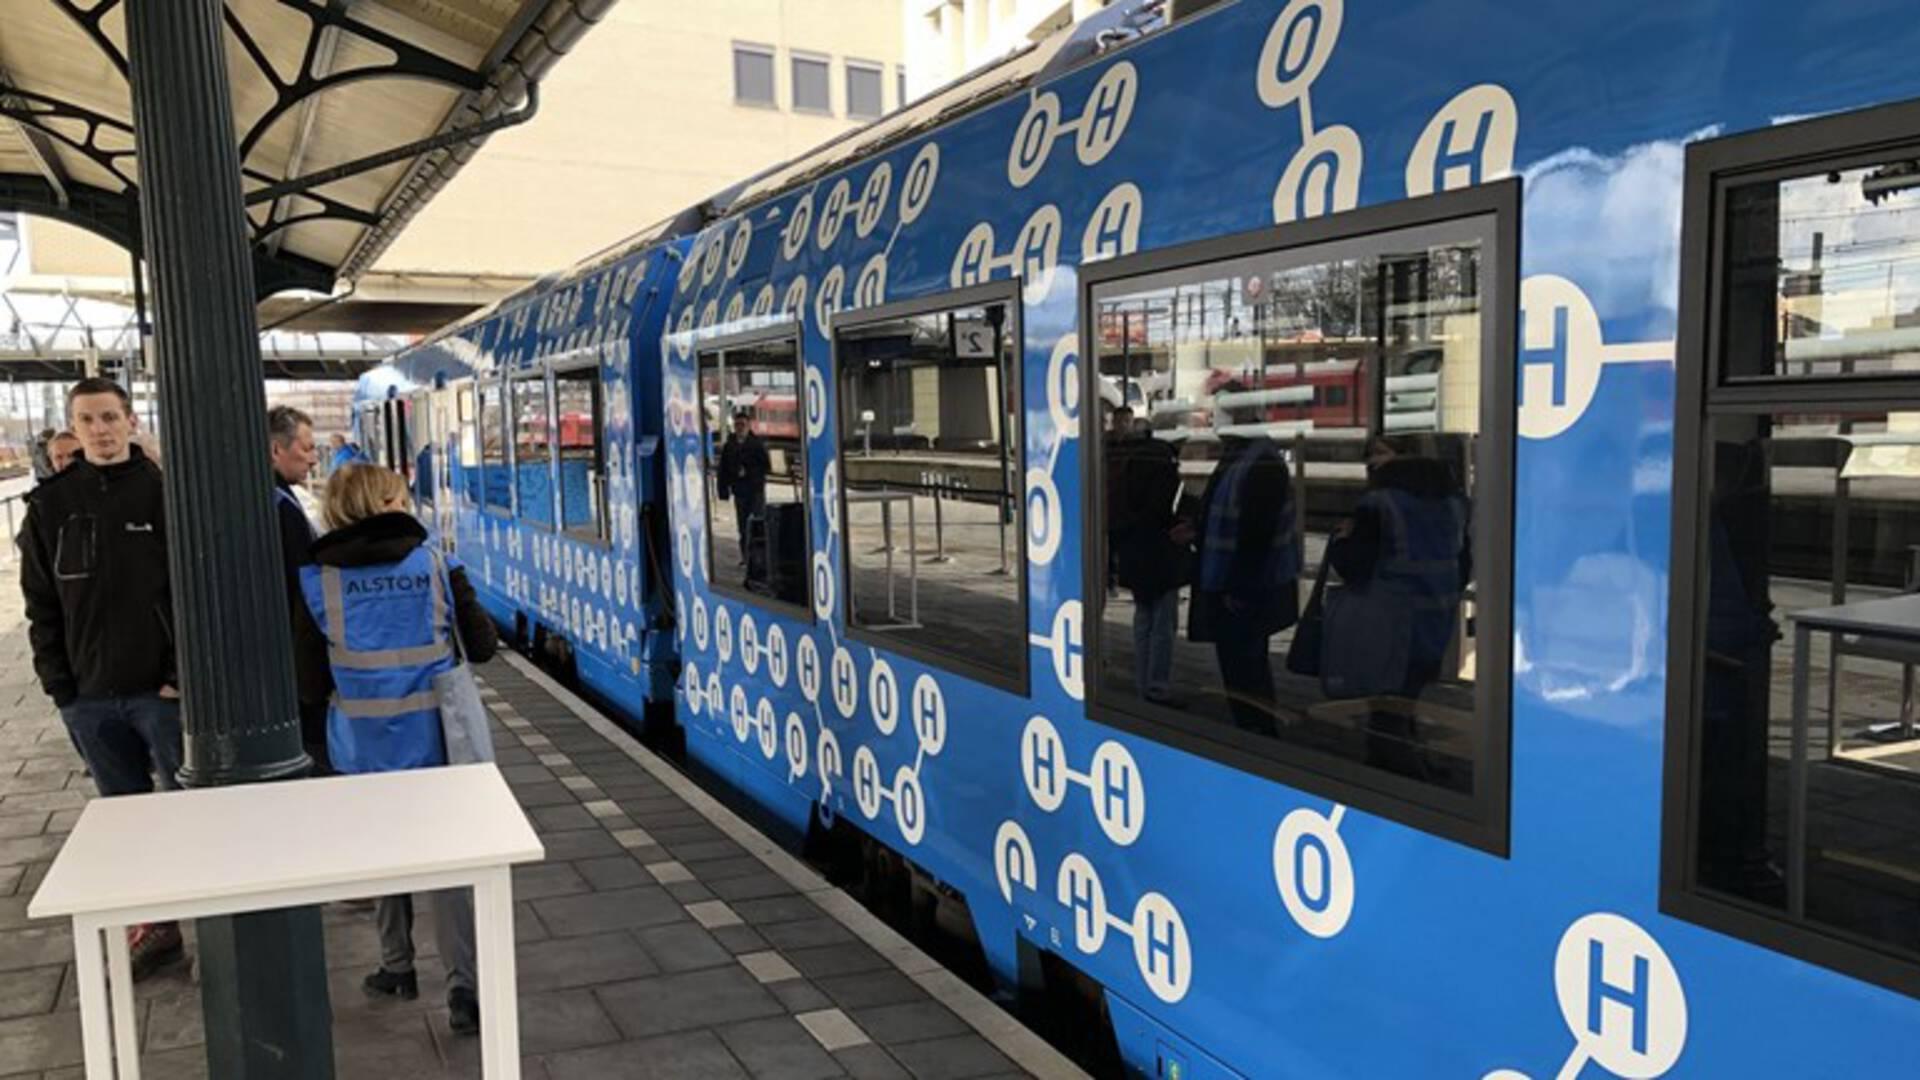 NOS: Waterstoftrein vervangt dieseltrein in Groningen.